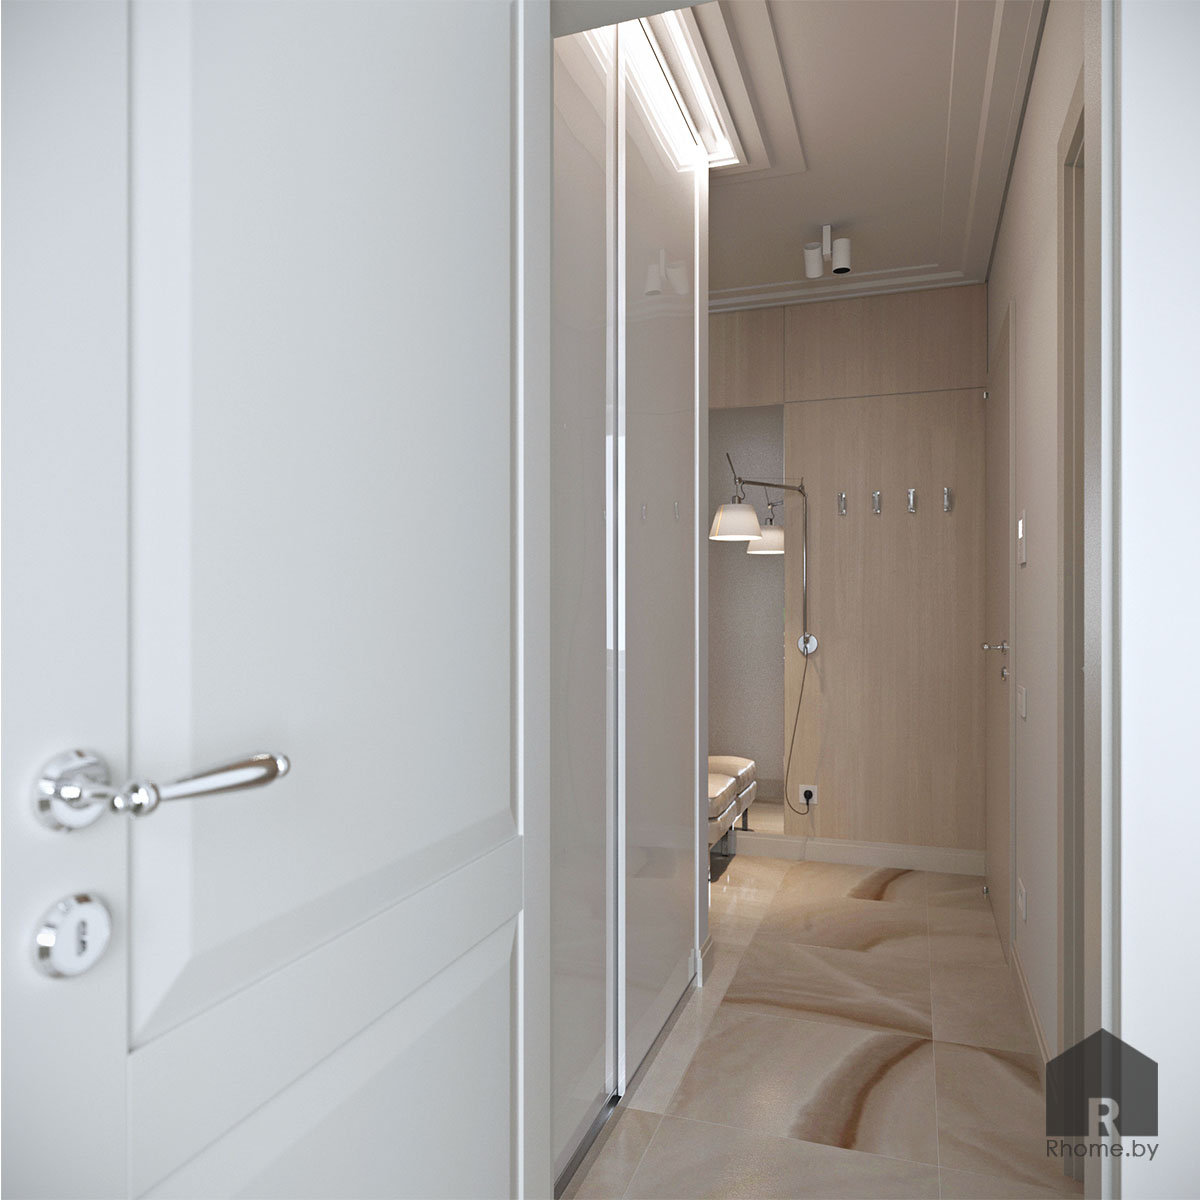 Дизайн интерьера прихожей по ул. Белинского | Дизайн студия – Rhome.by